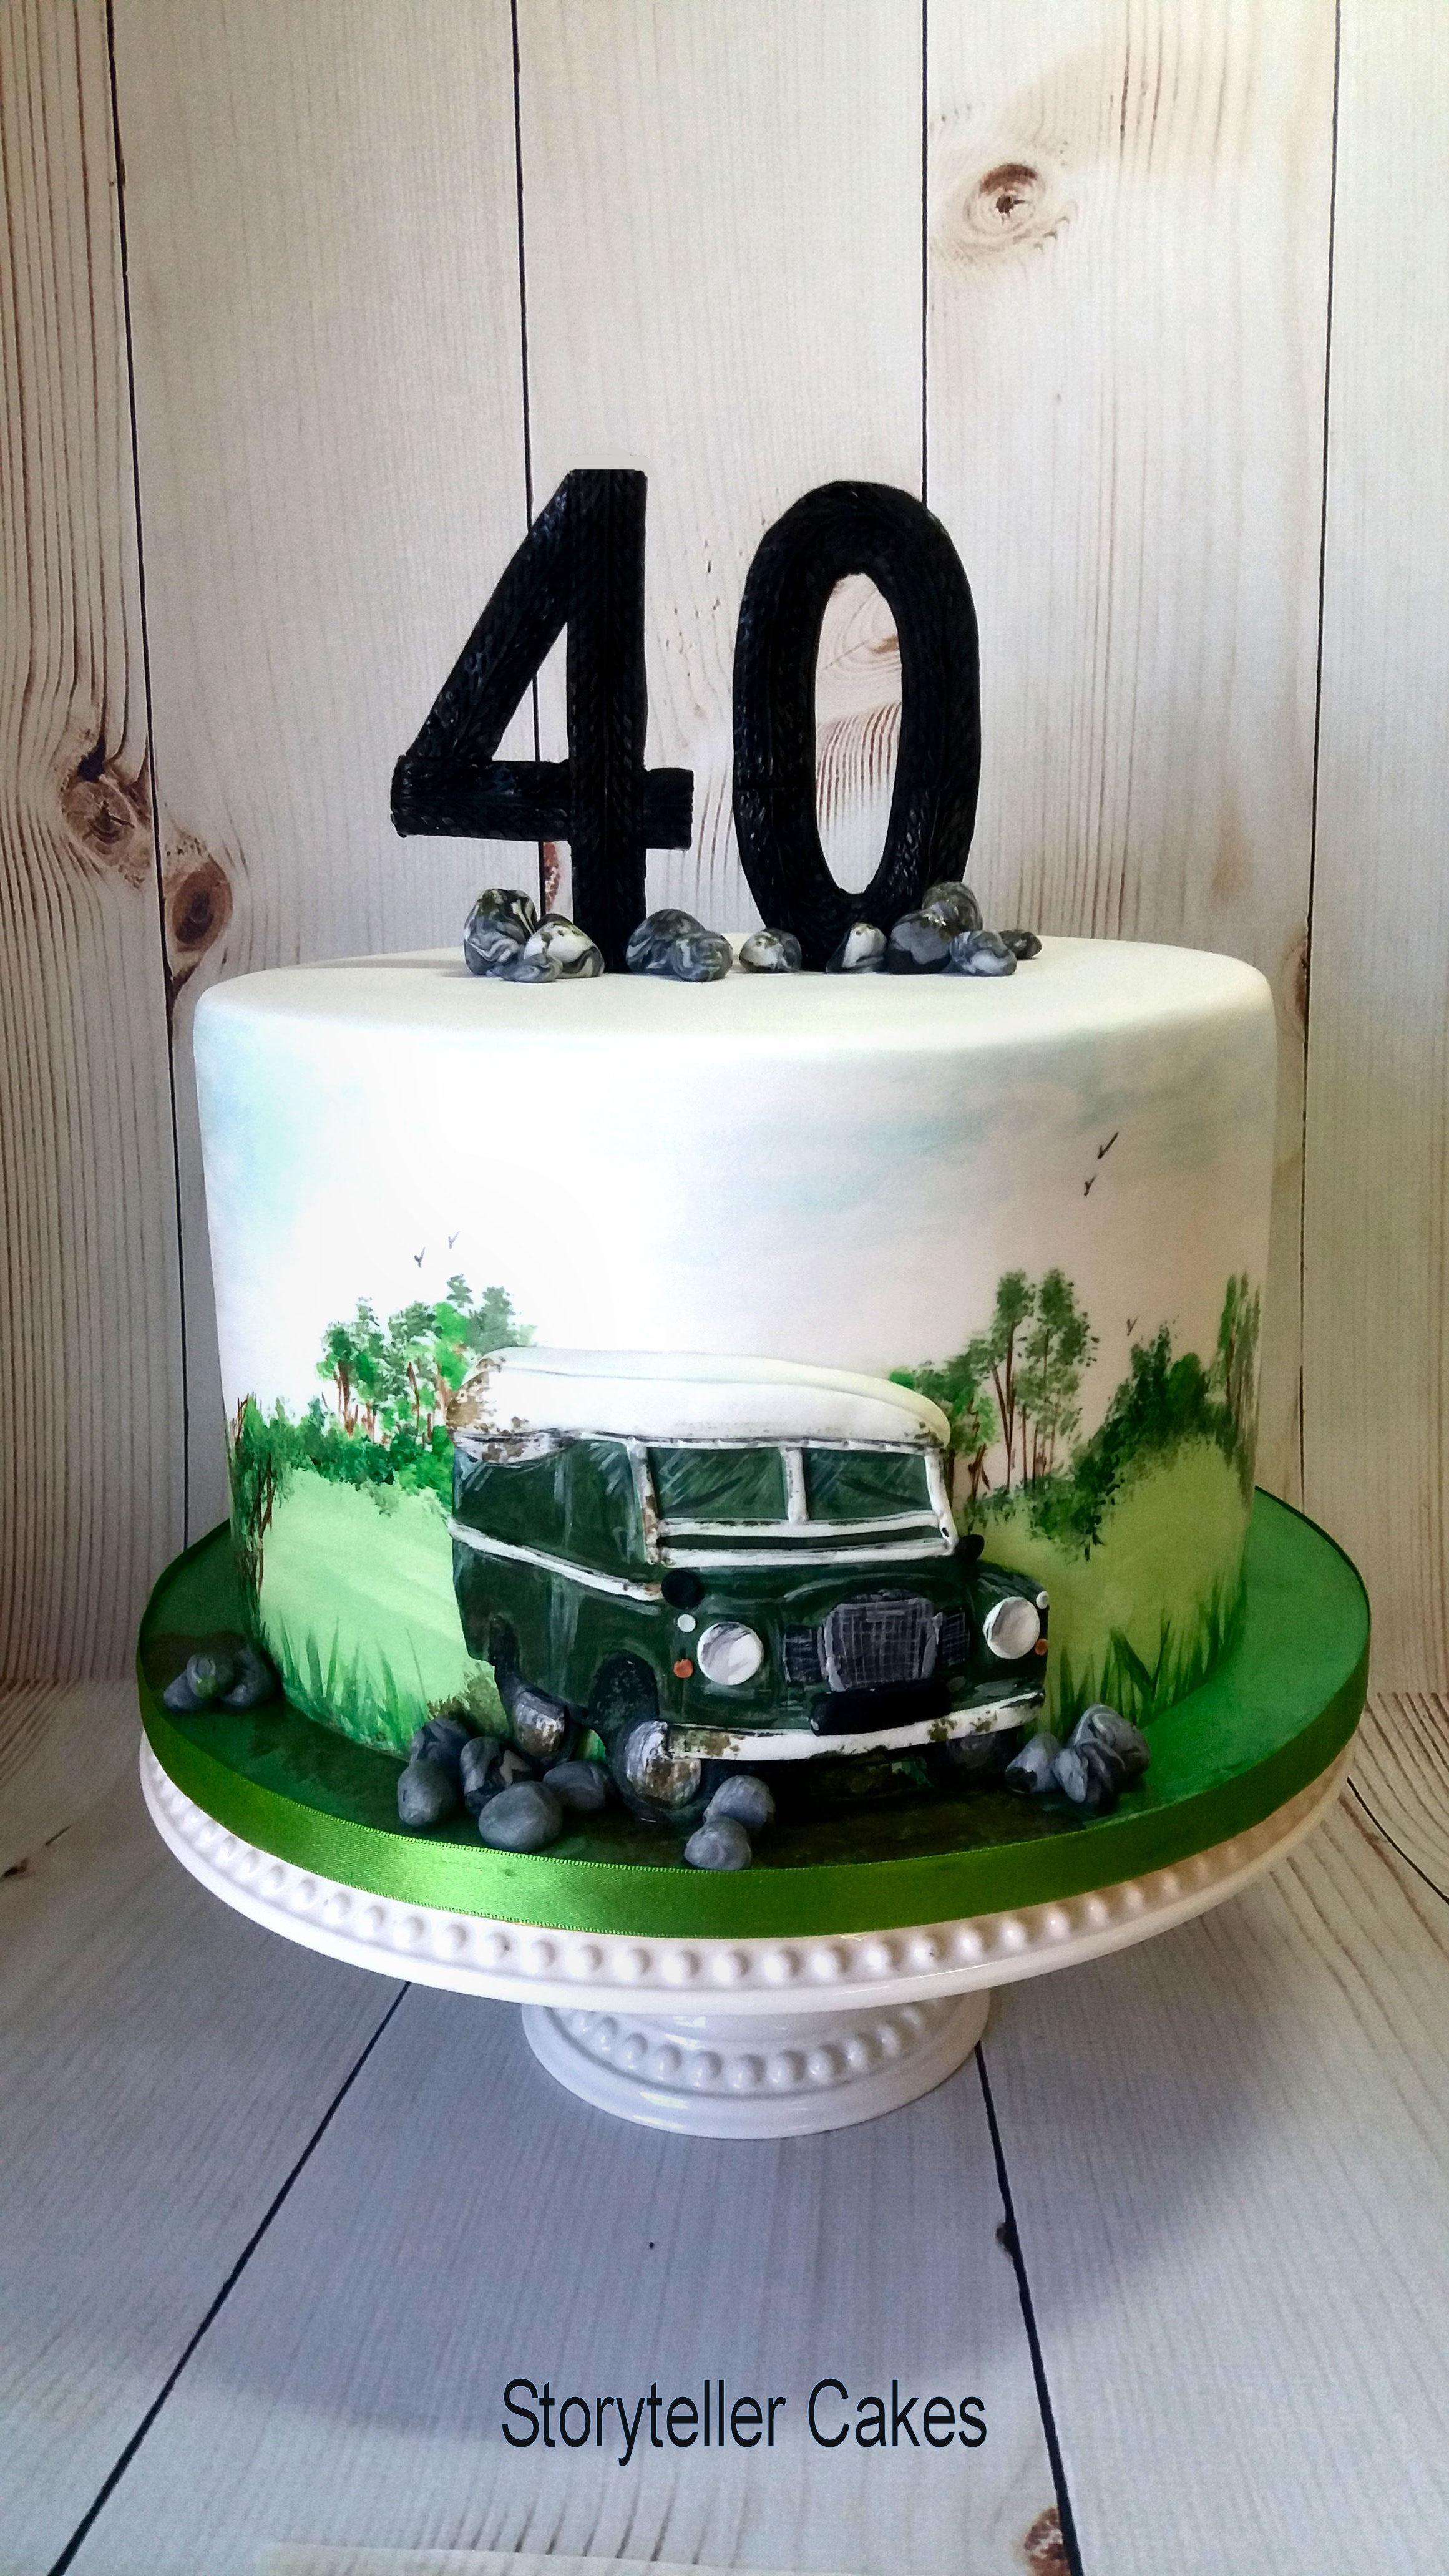 Landrover Cake 1.jpg